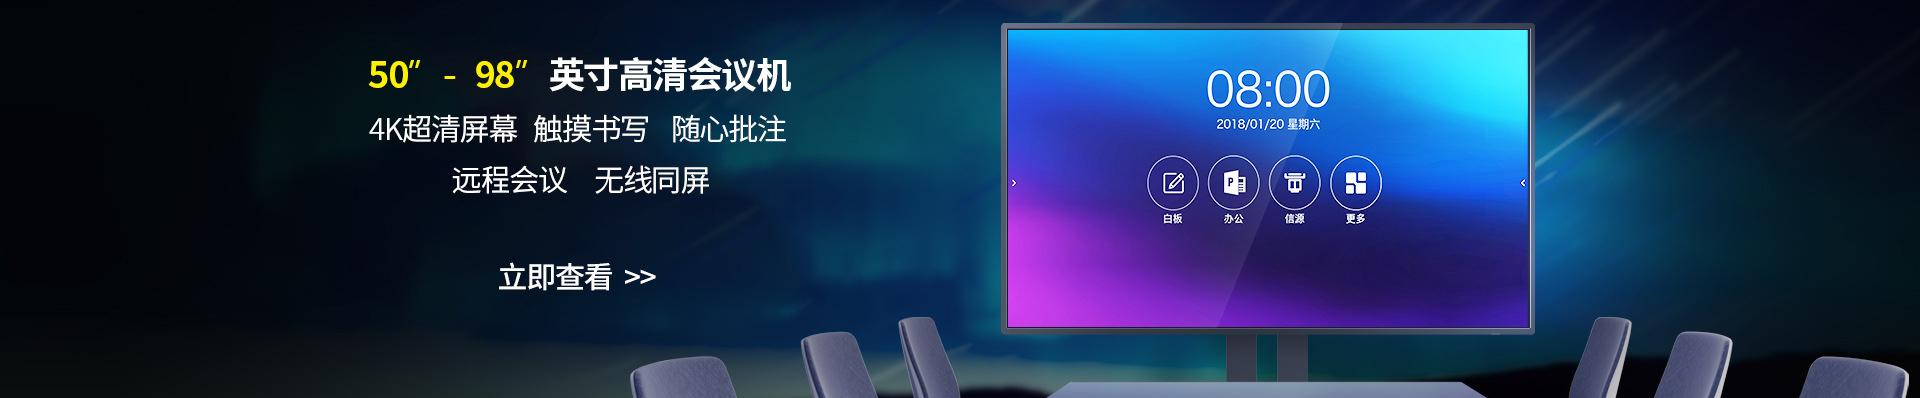 广州谦豪信息科技有限公司